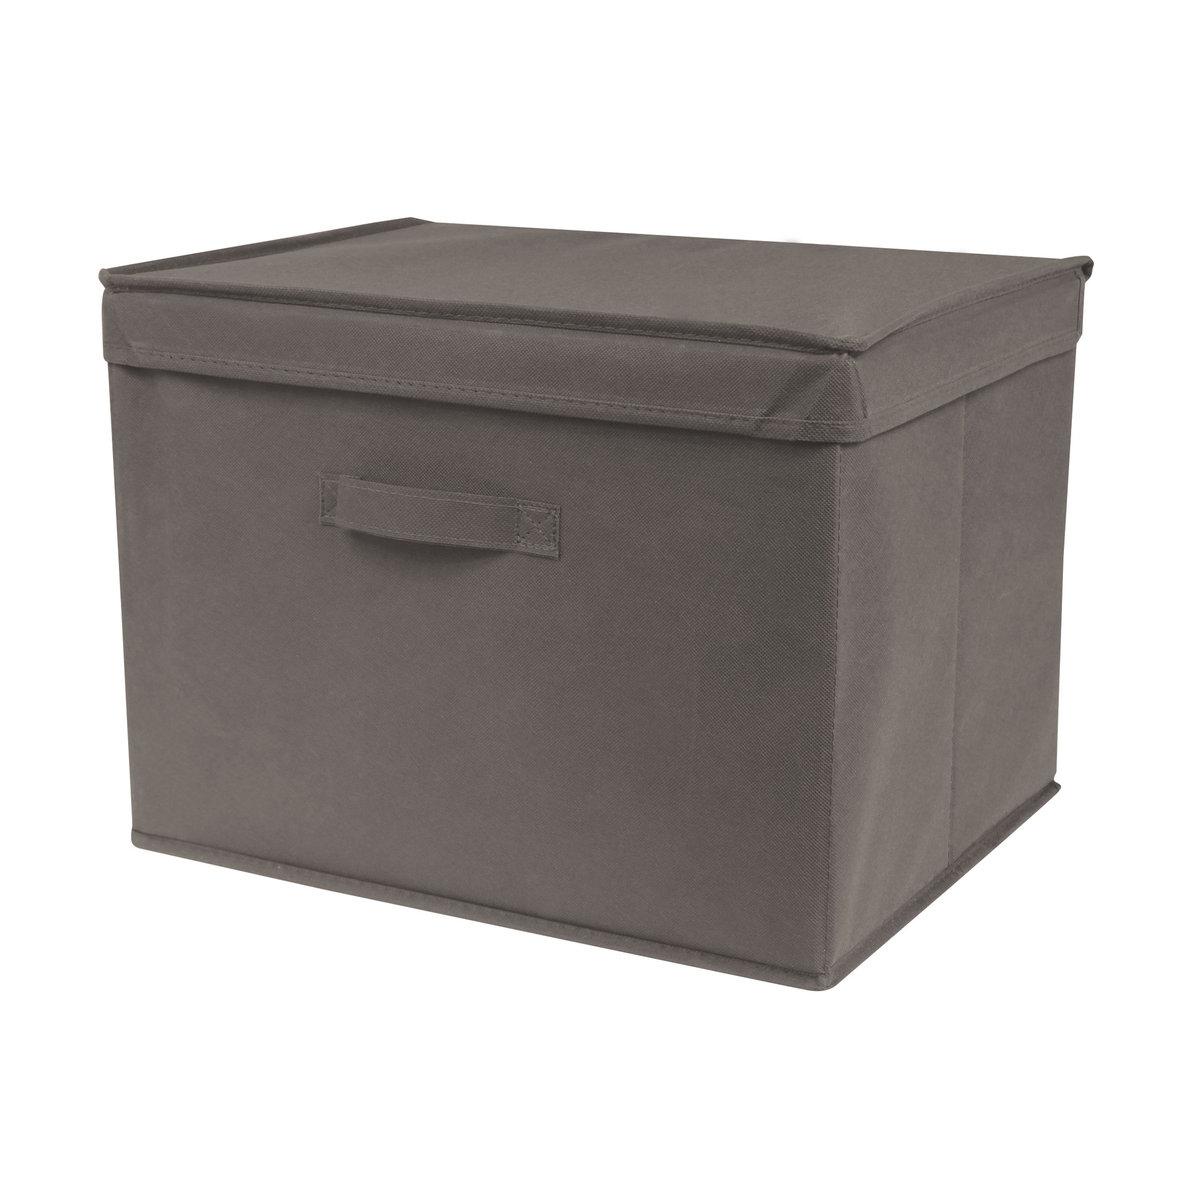 Короб для хранения 34 x 43 x 32 см, Denise denise 750ml